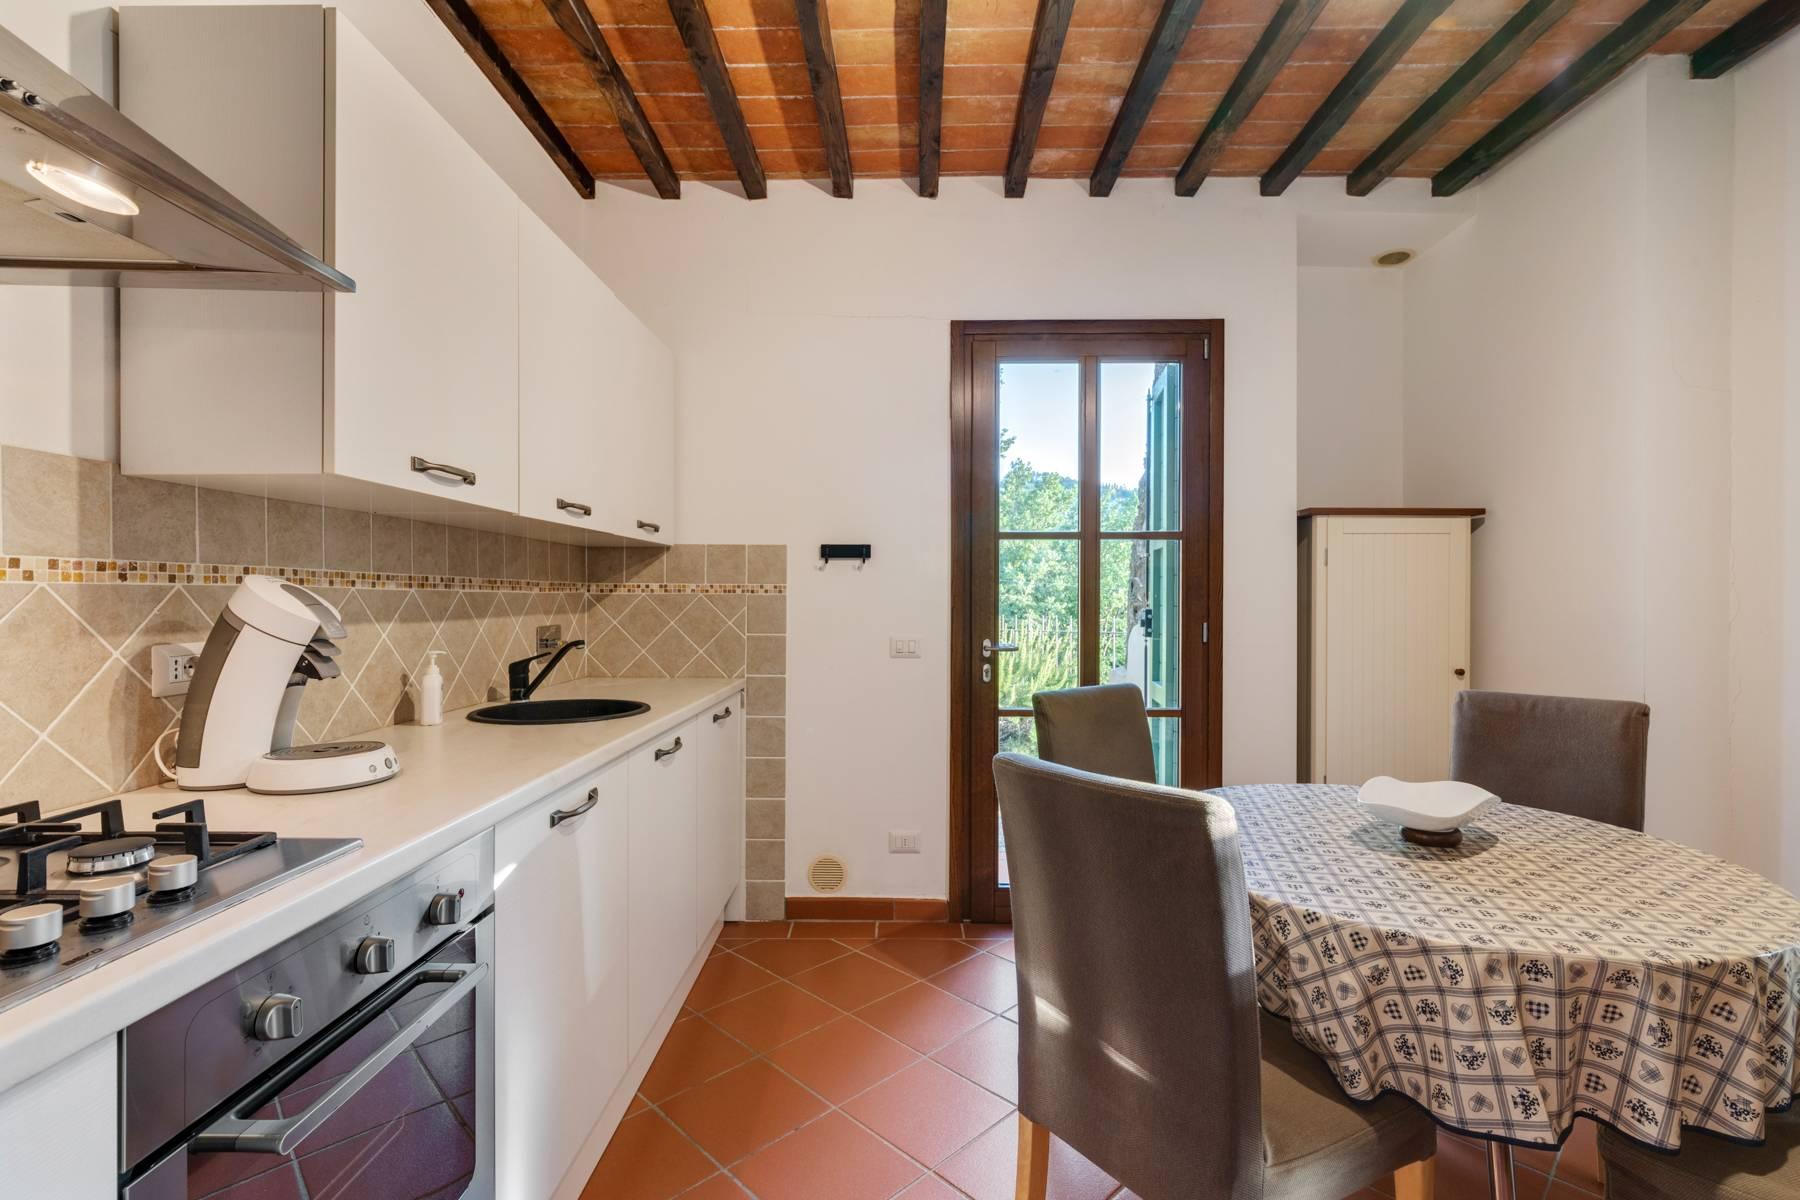 Rustico in Vendita a Monsummano Terme: 5 locali, 380 mq - Foto 24